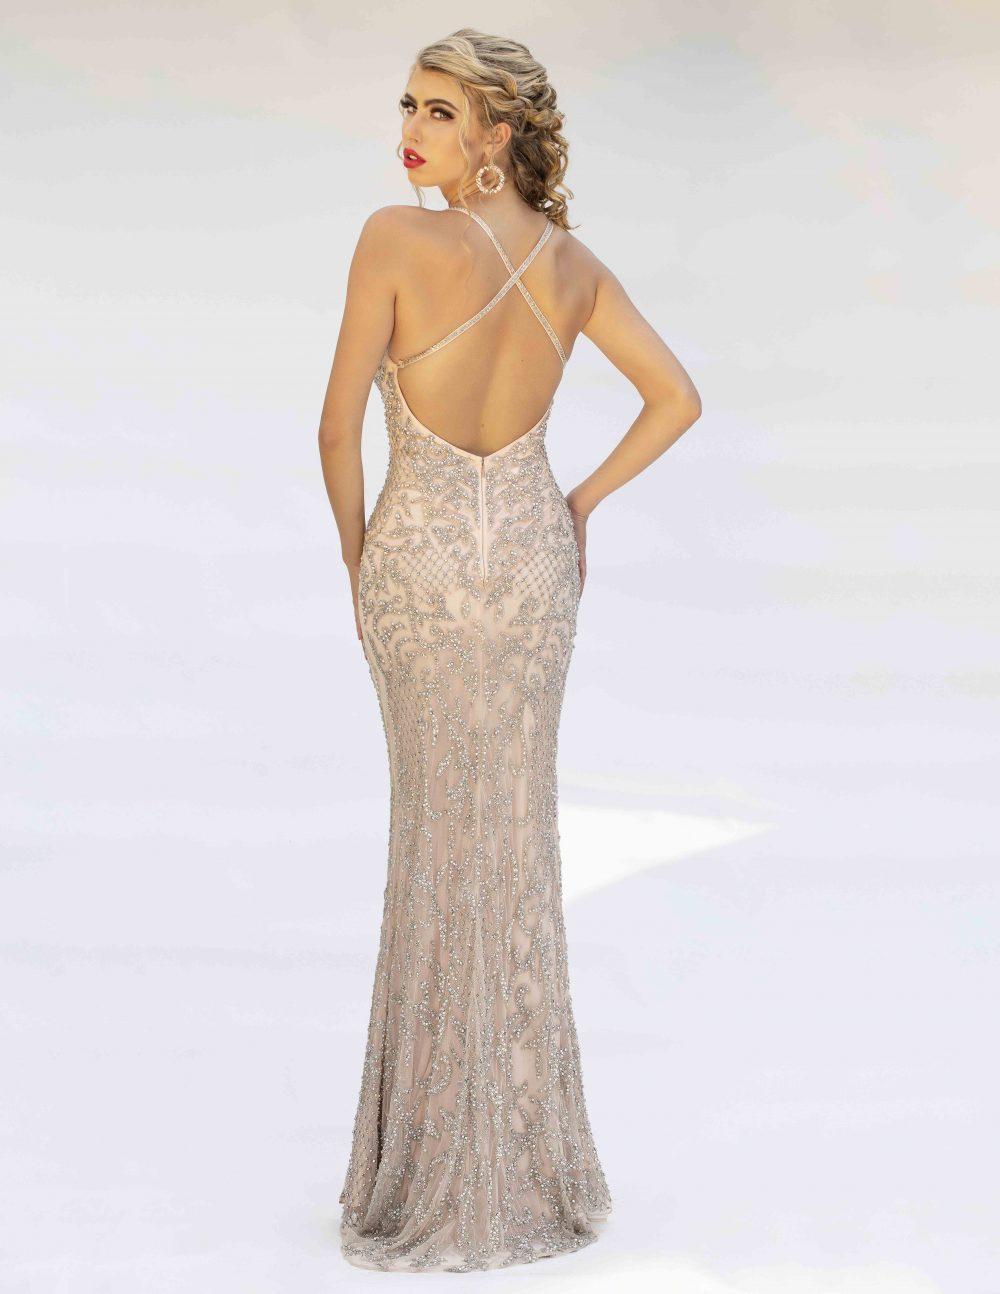 Primavera 3214 Prom Dress